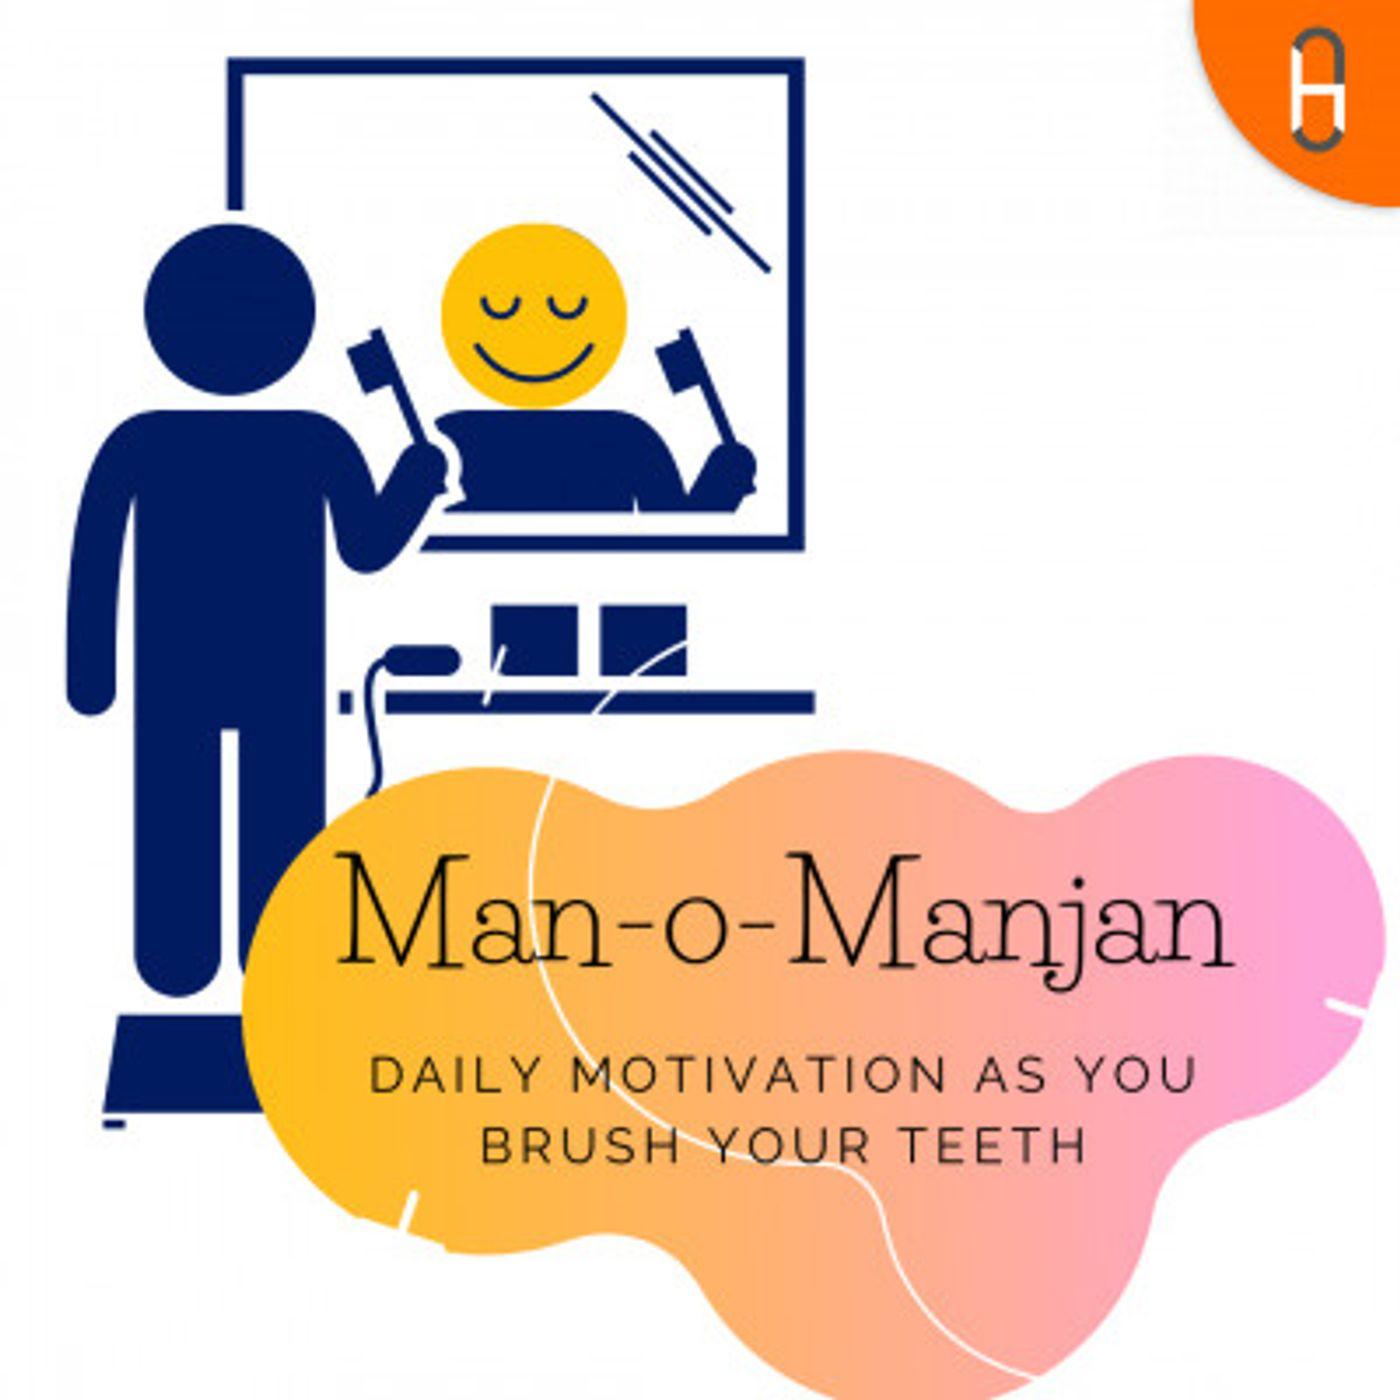 Man-o-Manjan